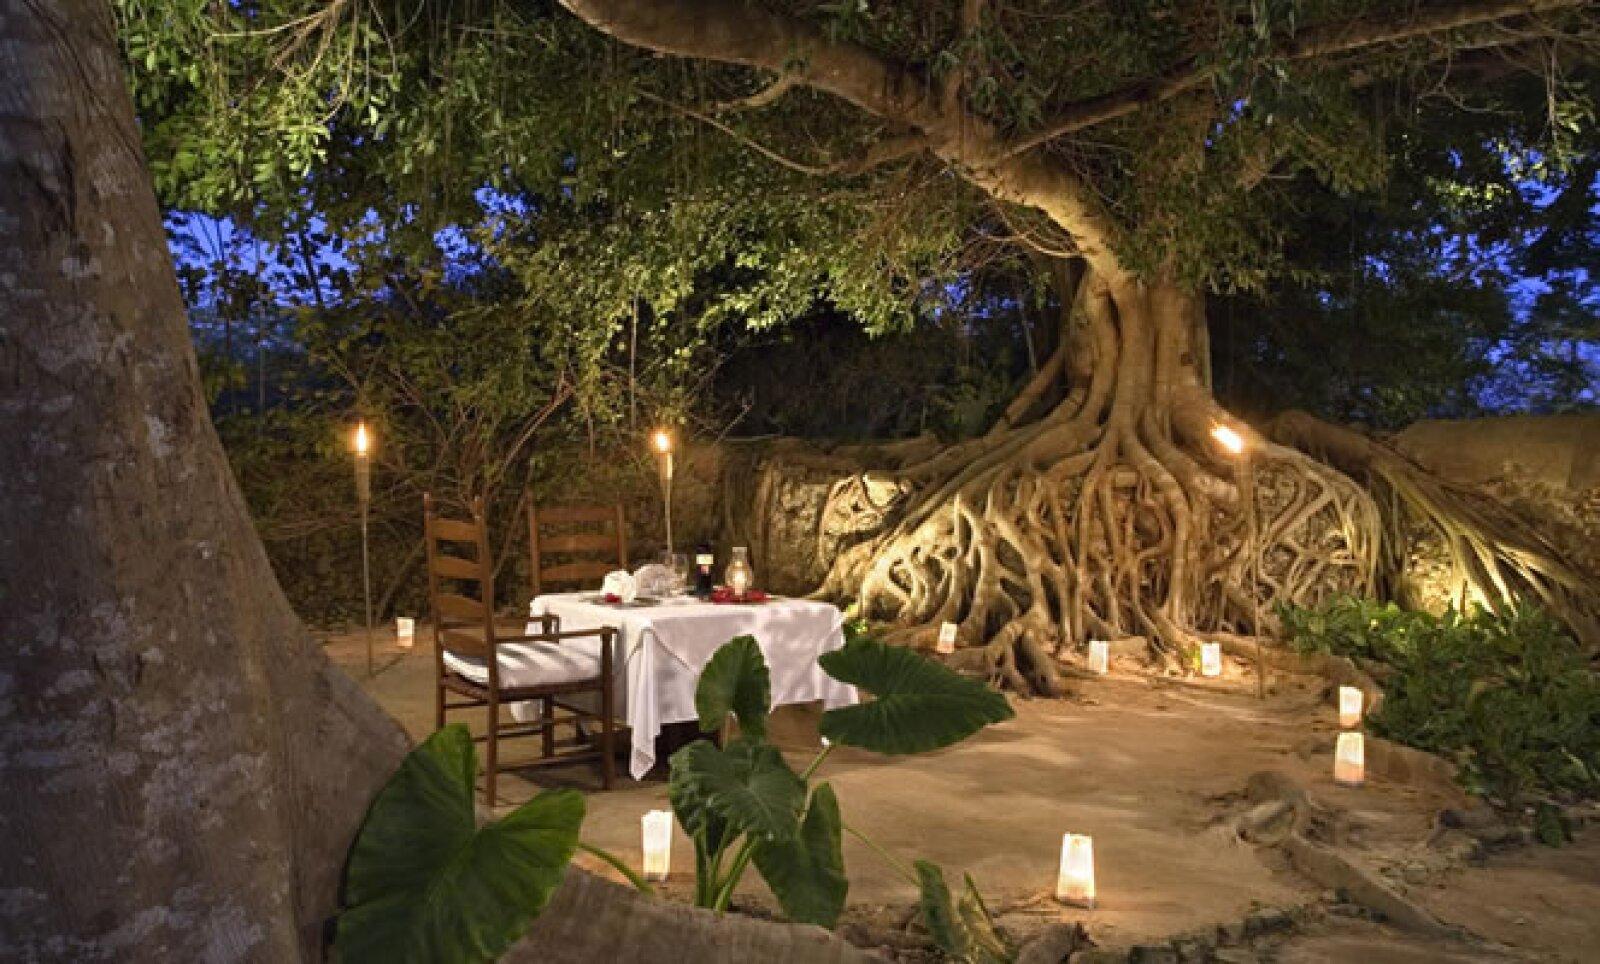 El resort cuenta con piscina al aire libre, en medio de la flora tropical, además de spa con cabaña al aire libre, así como una amplia diversidad de tratamientos corporales.